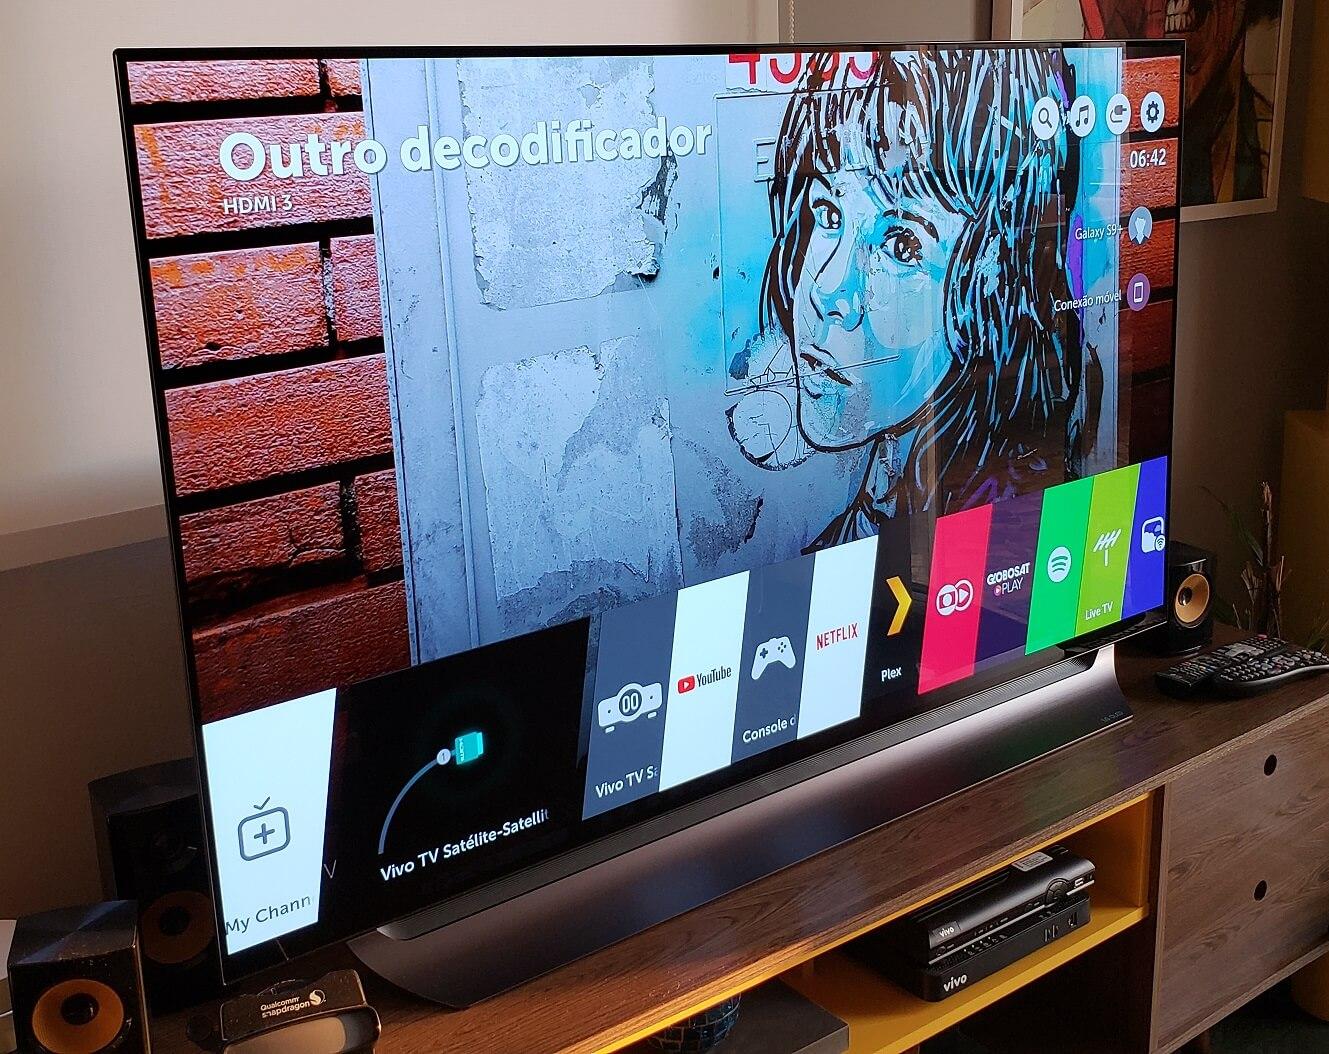 20180902 064314 - Review: LG OLED C8, uma das melhores Smart TVs disponíveis no Brasil